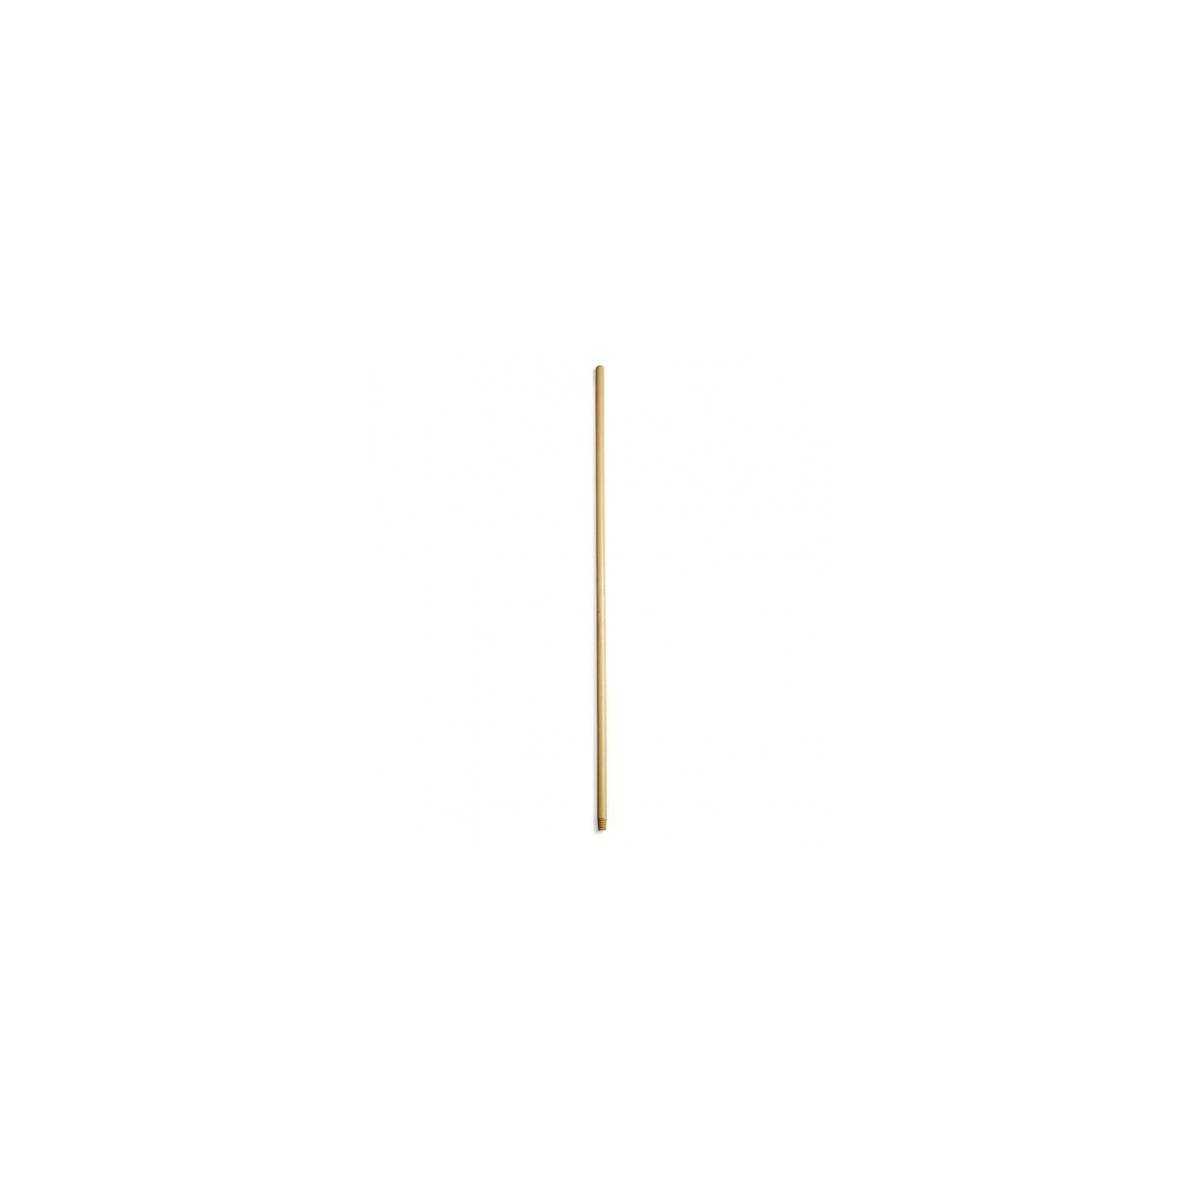 Рукоятка деревянная с резьбой 150см 00001026 TTS